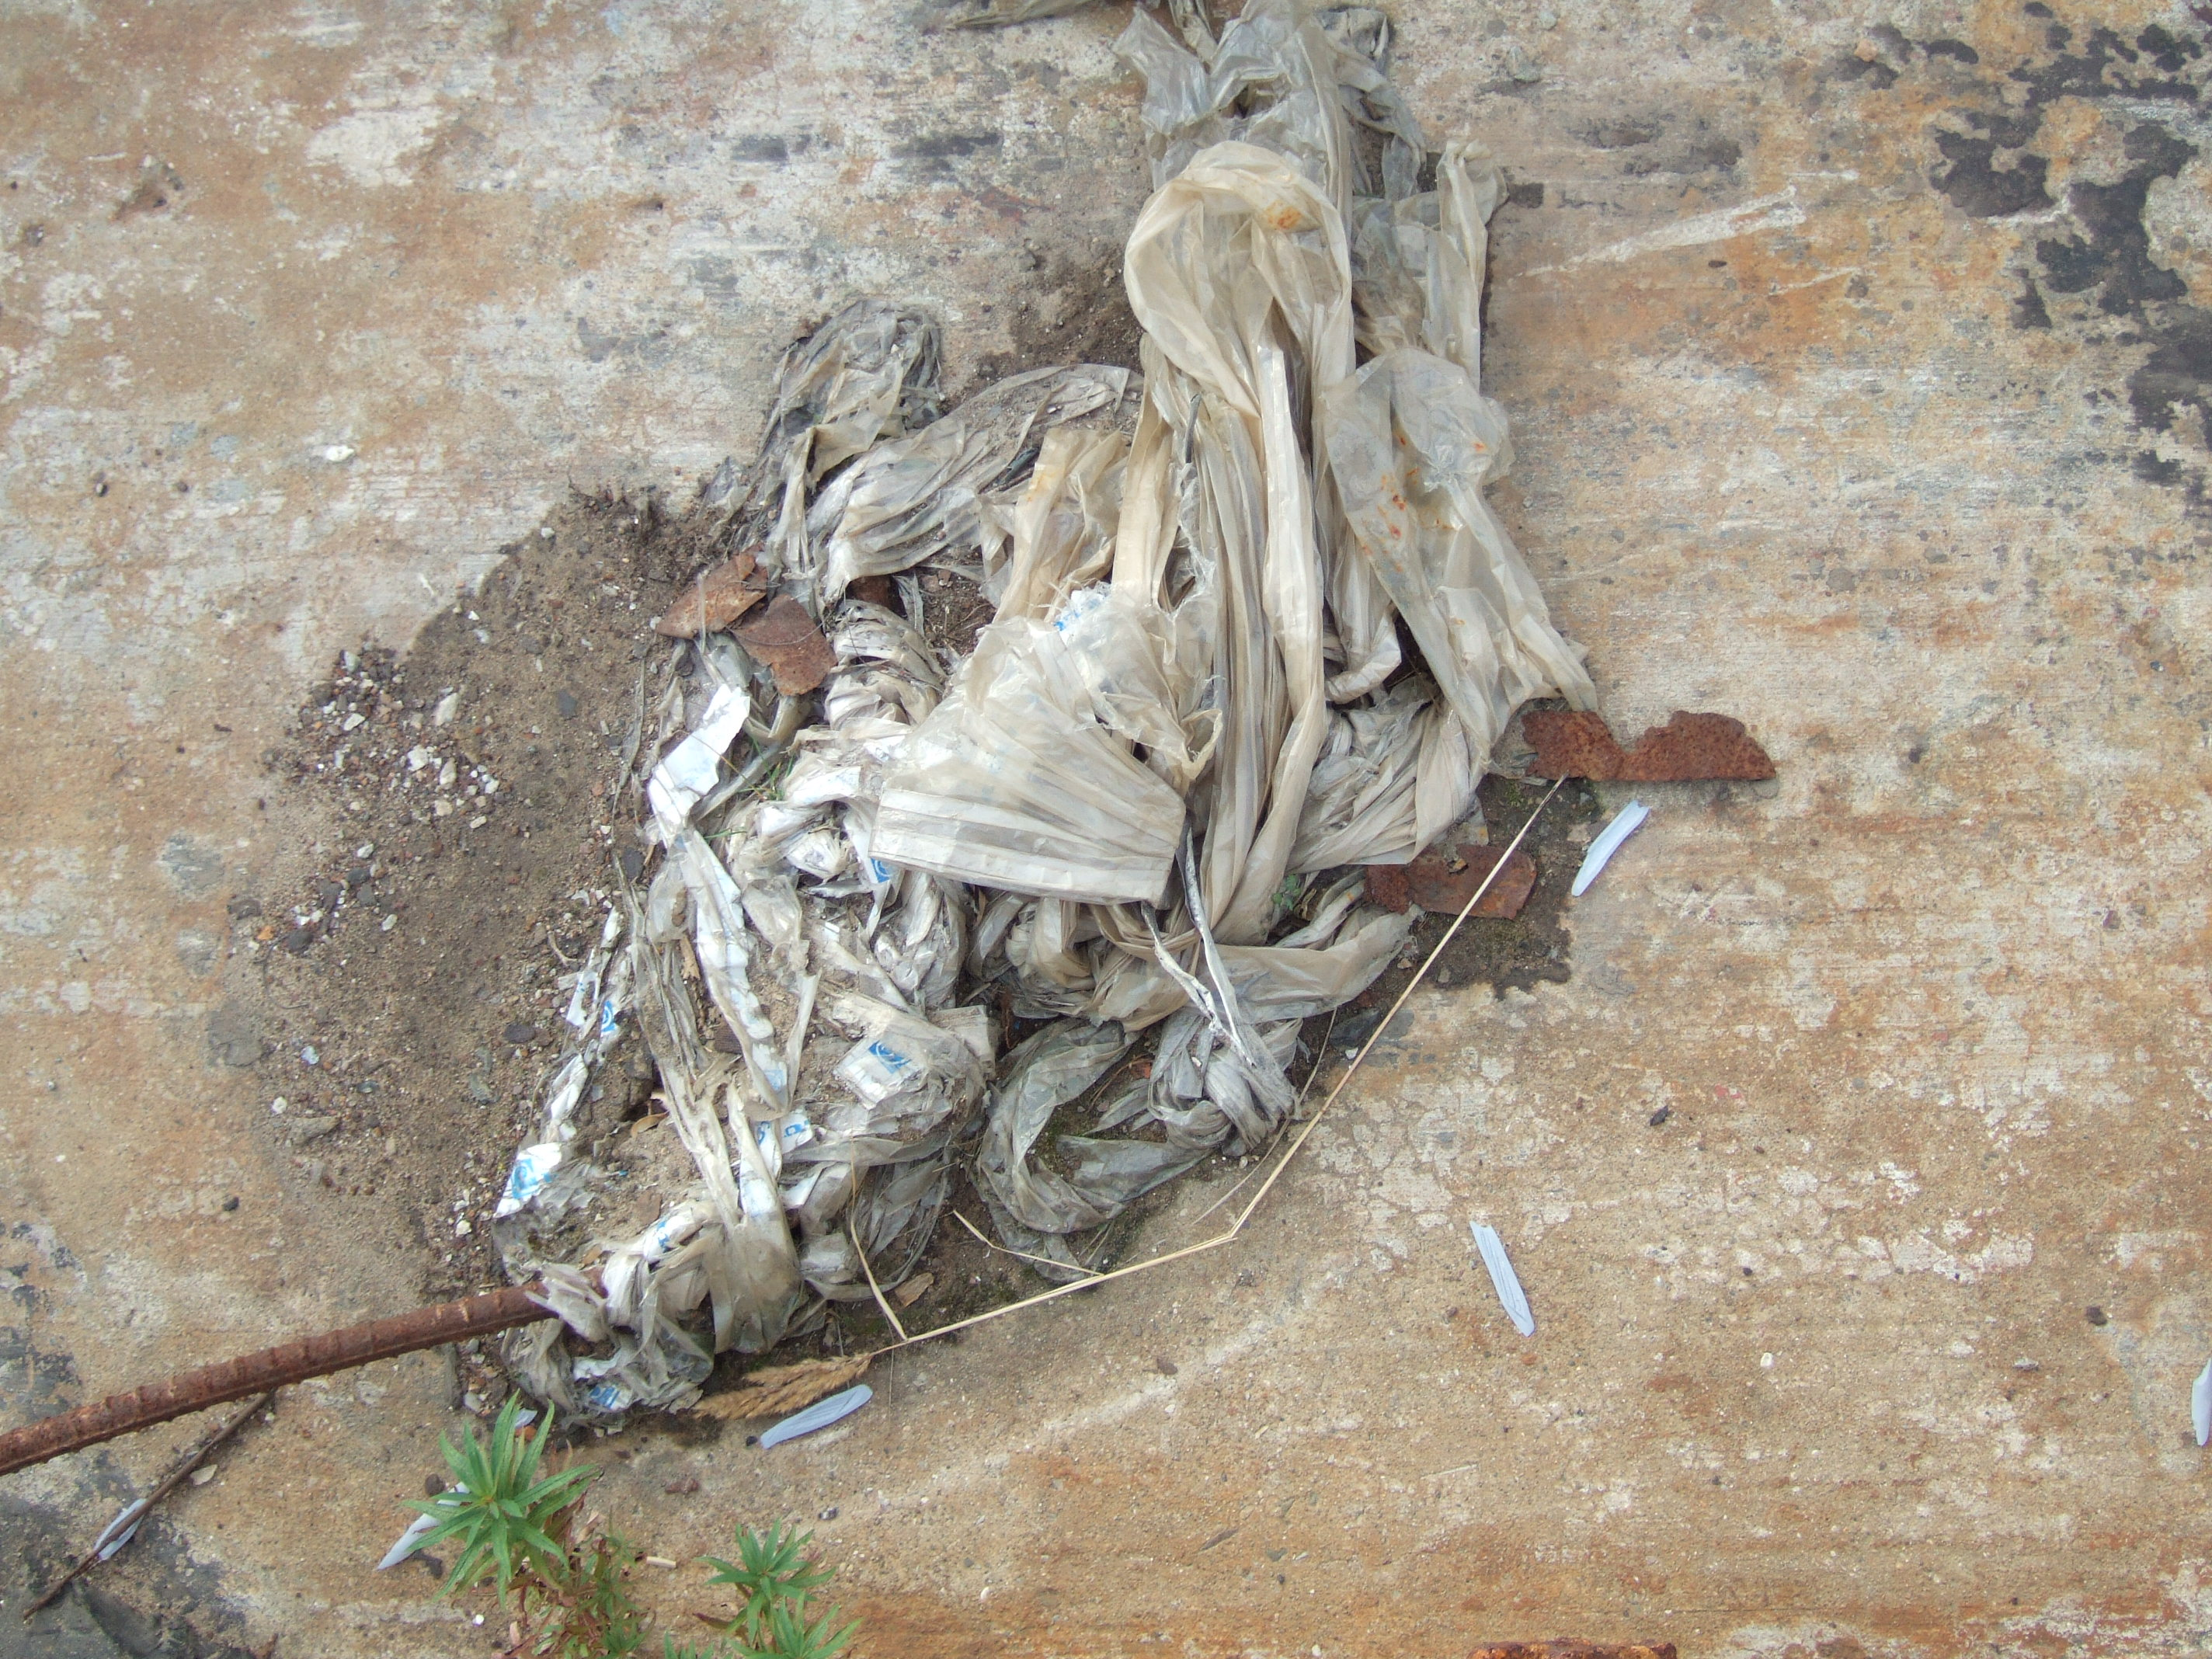 tabus plastic bag rubbish trash waste